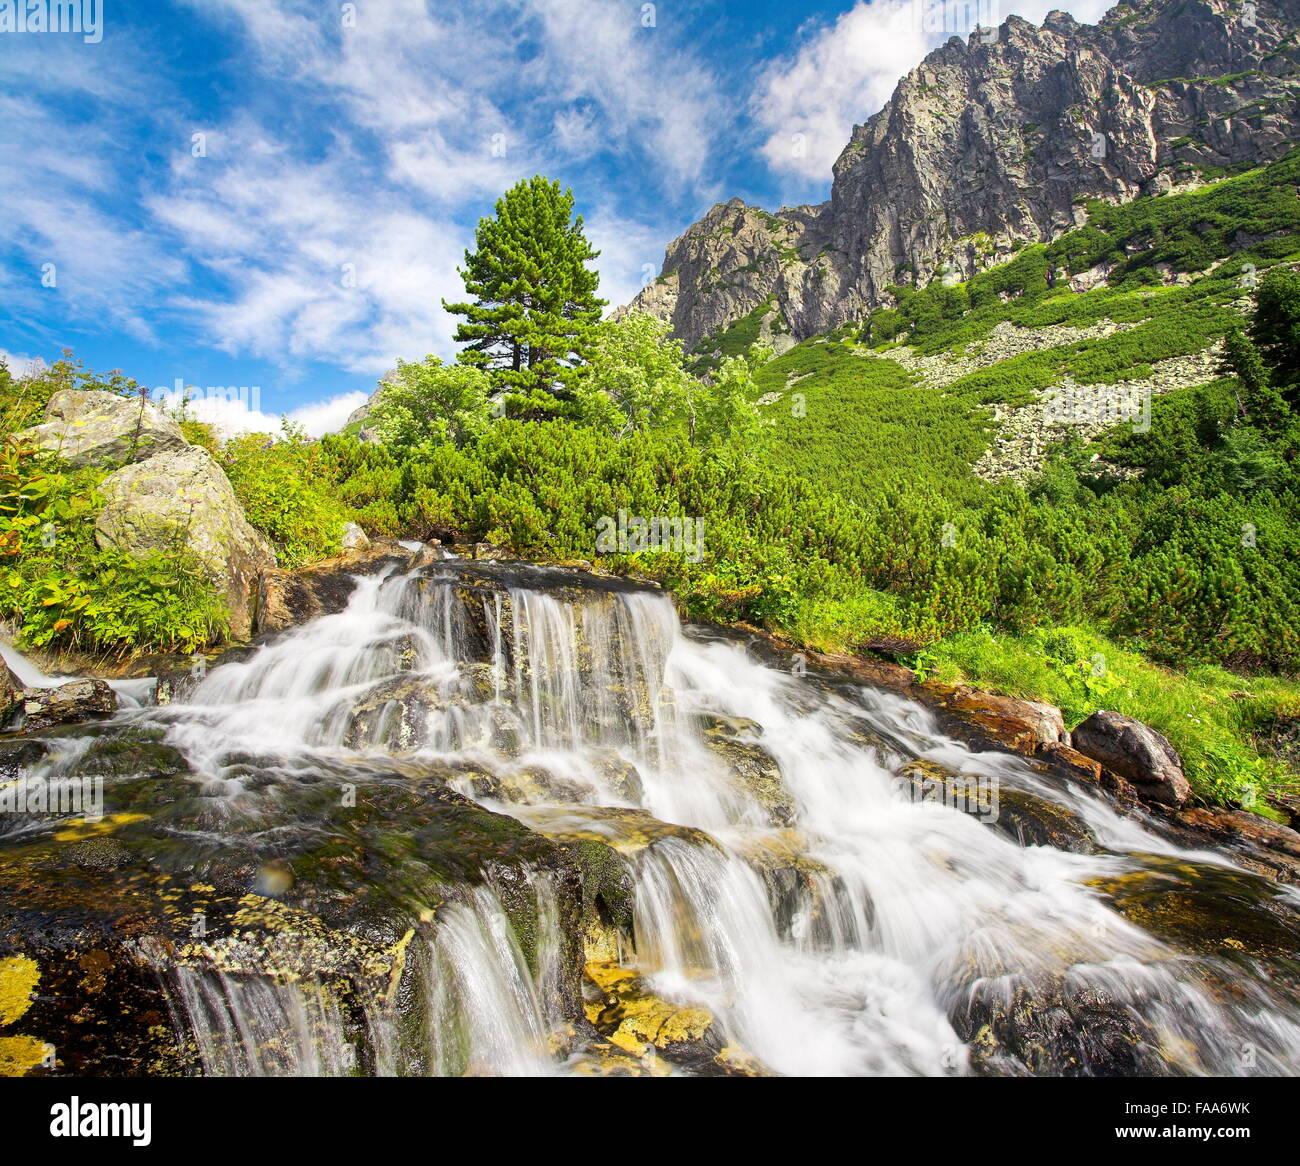 Velka Studenna Dolina, Studenna Valley,Tatra Mountains, Slovakia - Stock Image